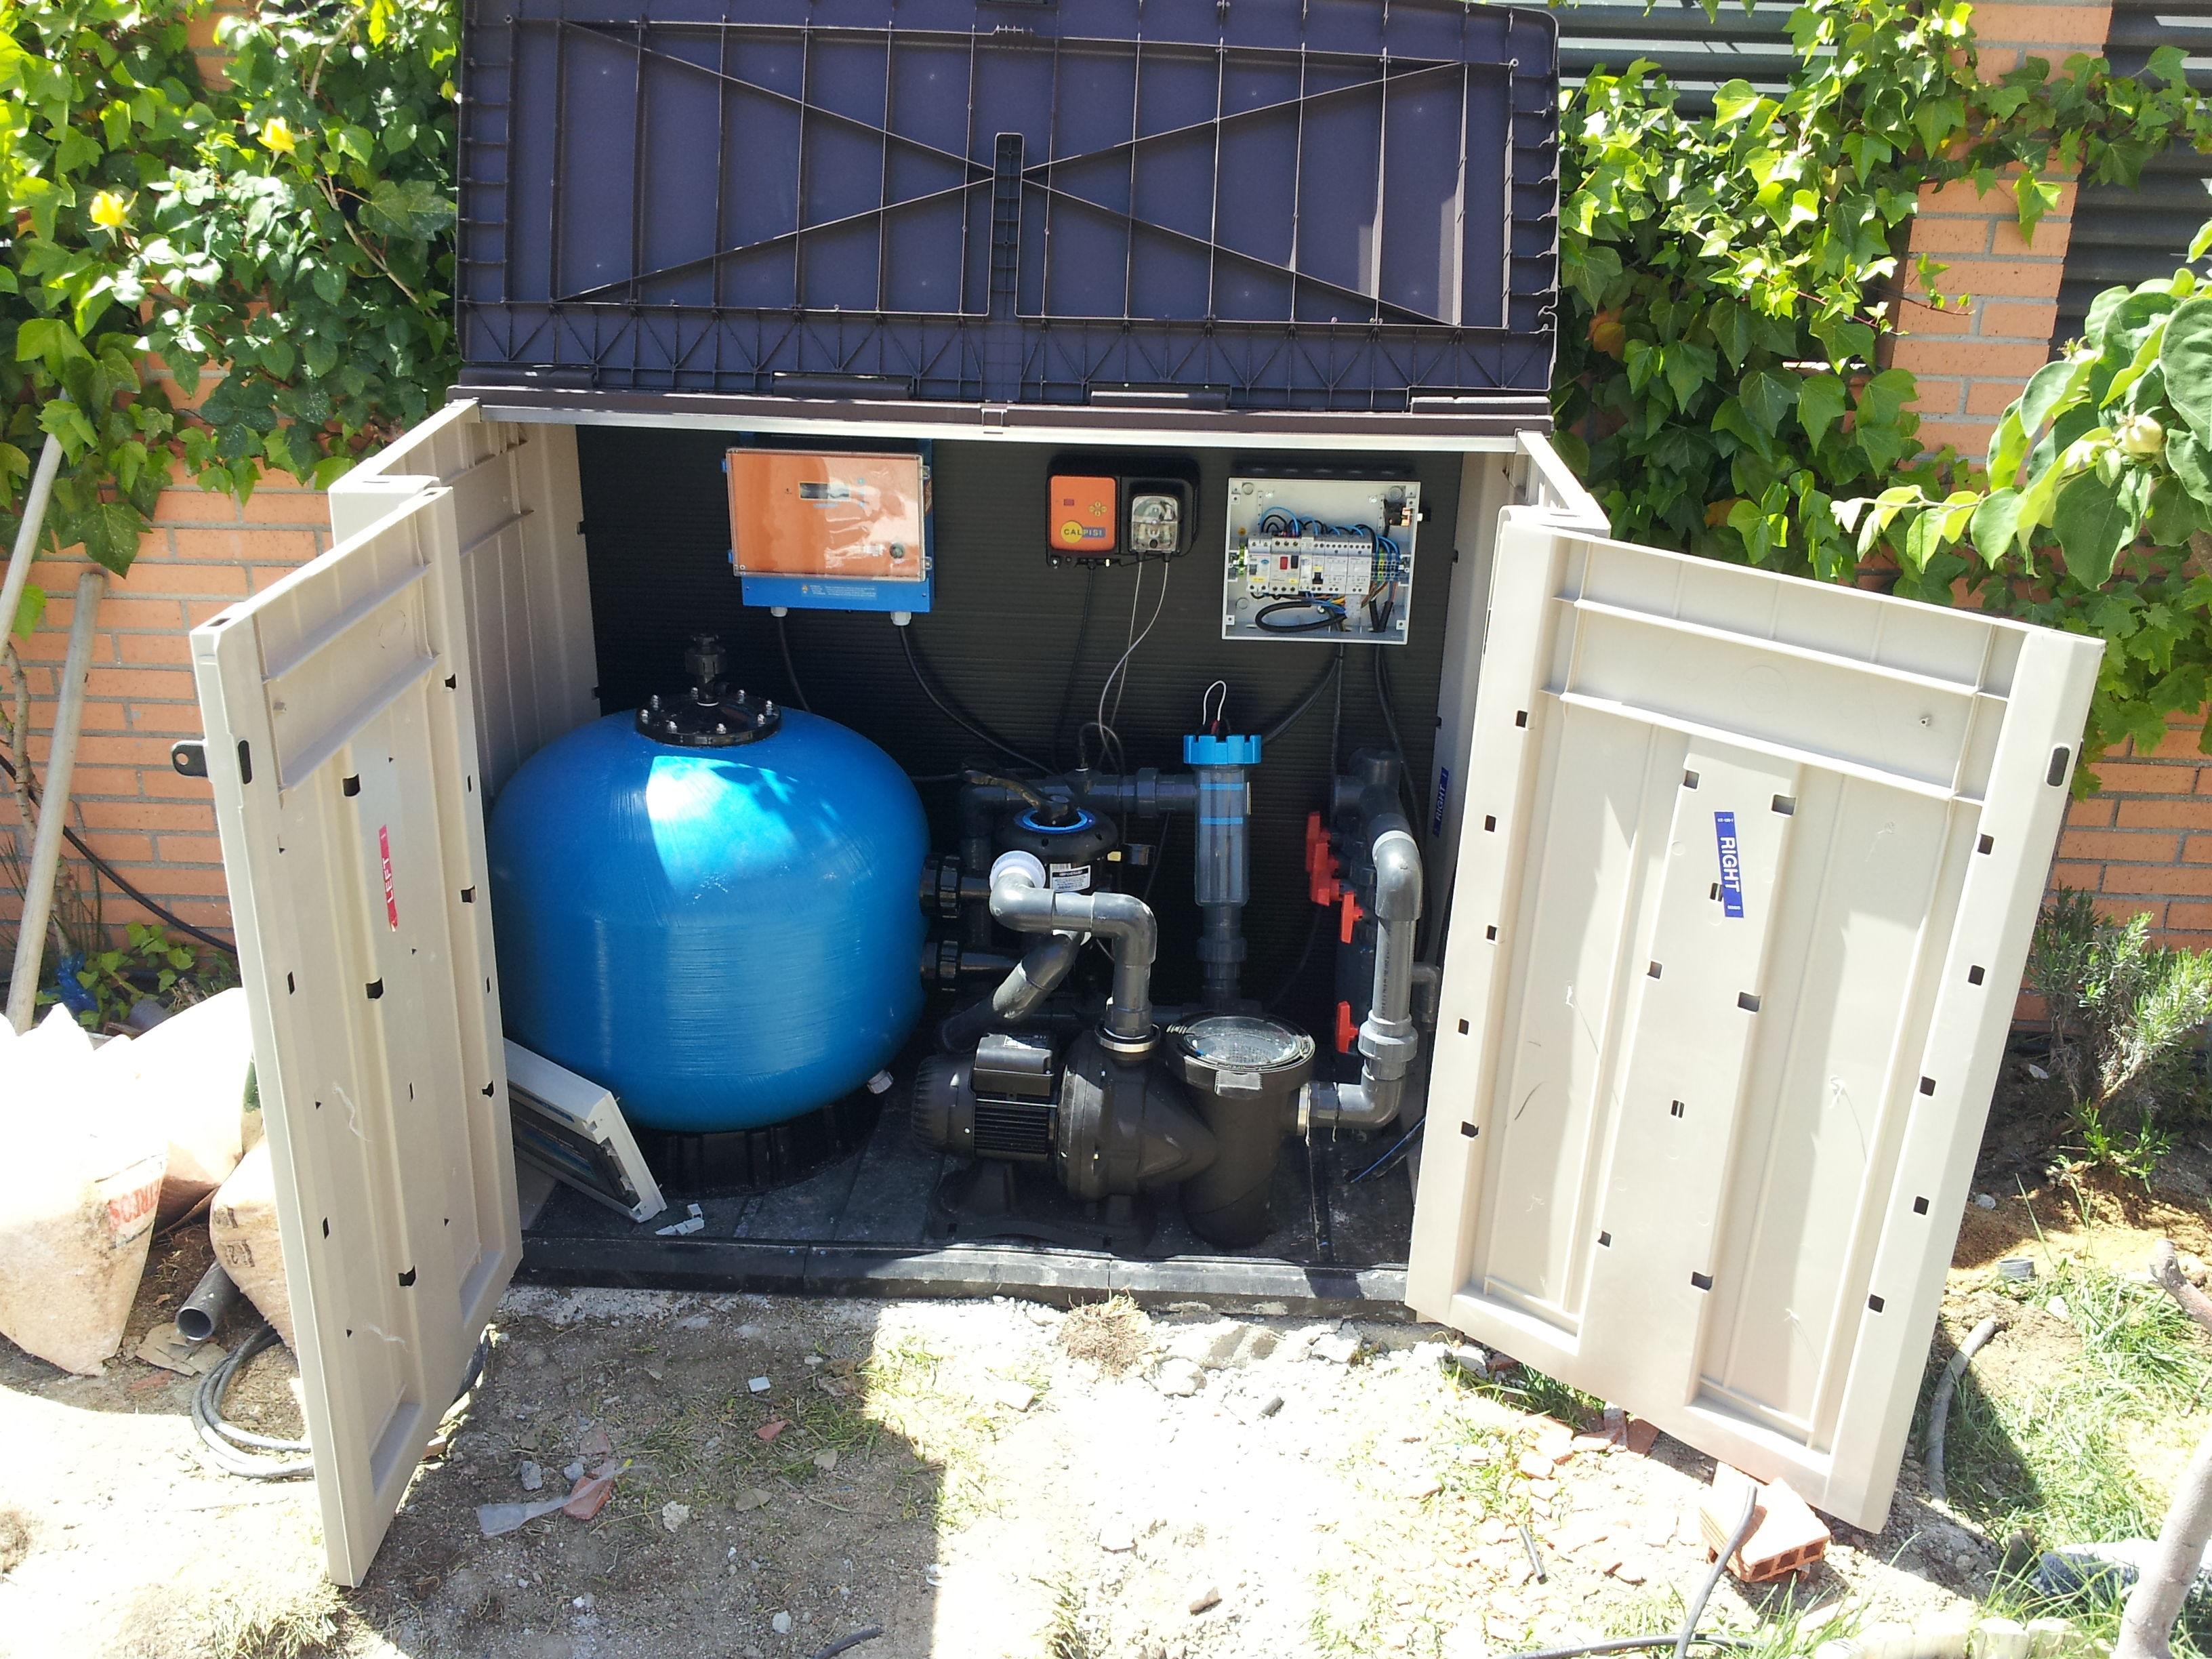 Depuradora de exterior cat logo de piscinas lualpool - Depuradoras de piscina ...